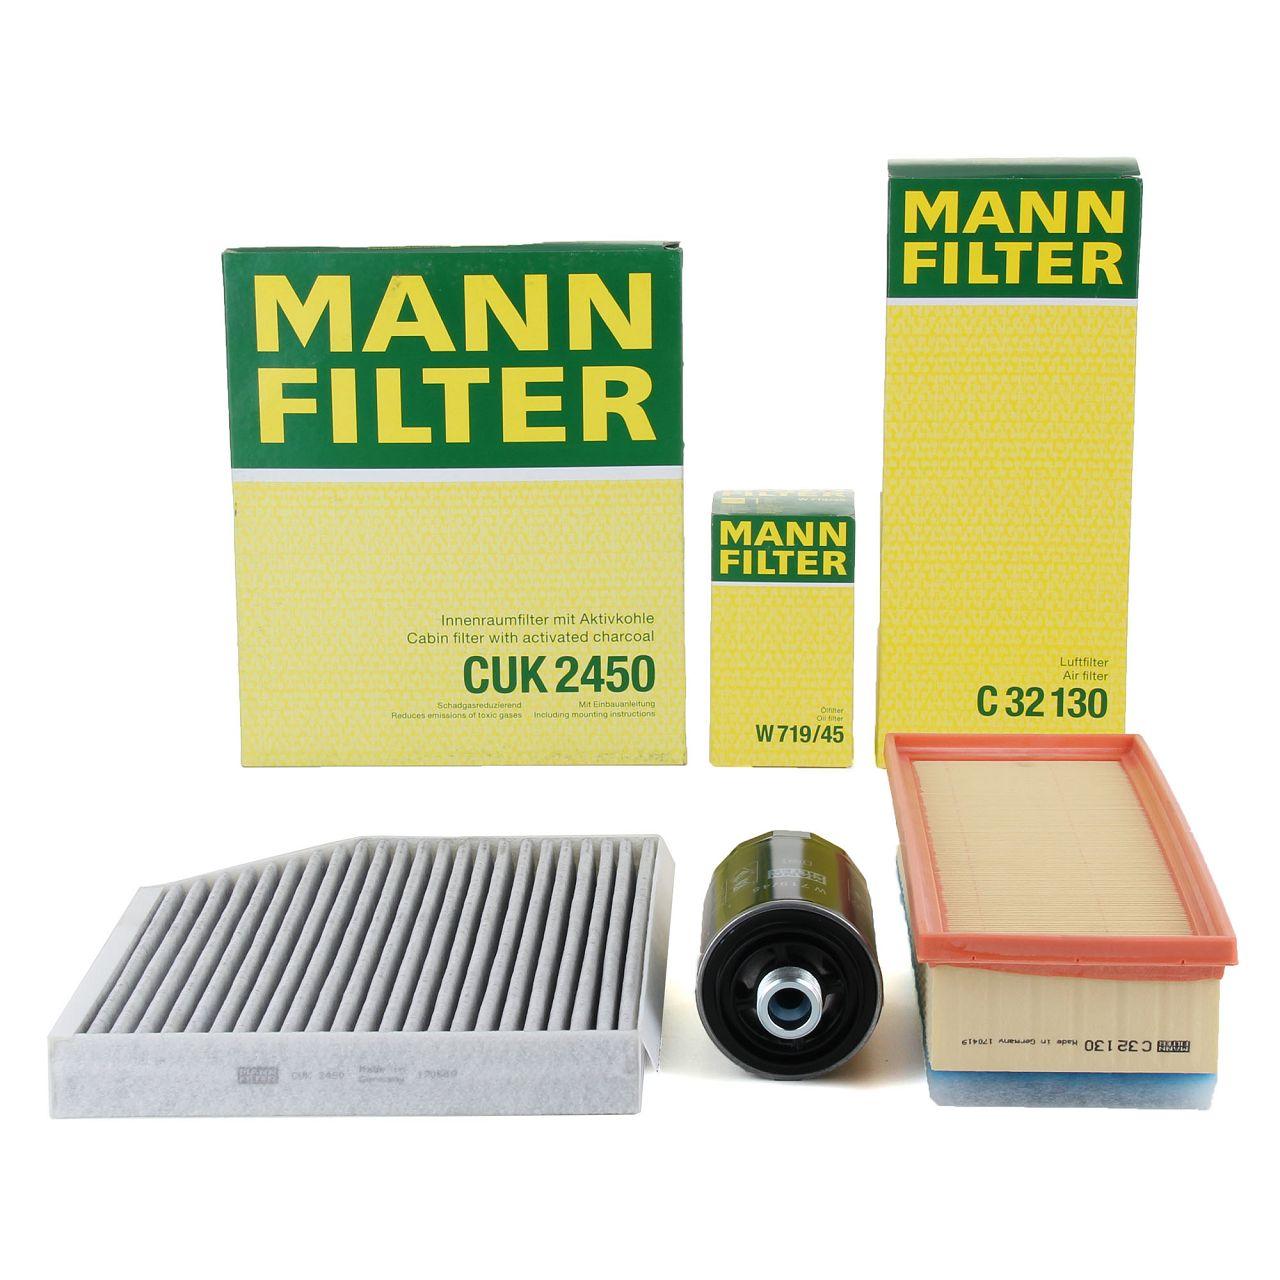 MANN Inspektionskit für AUDI A4 (8K B8) A5 (8T 8F) Q5 (8R) 1.8 TFSI 2.0 TFSI